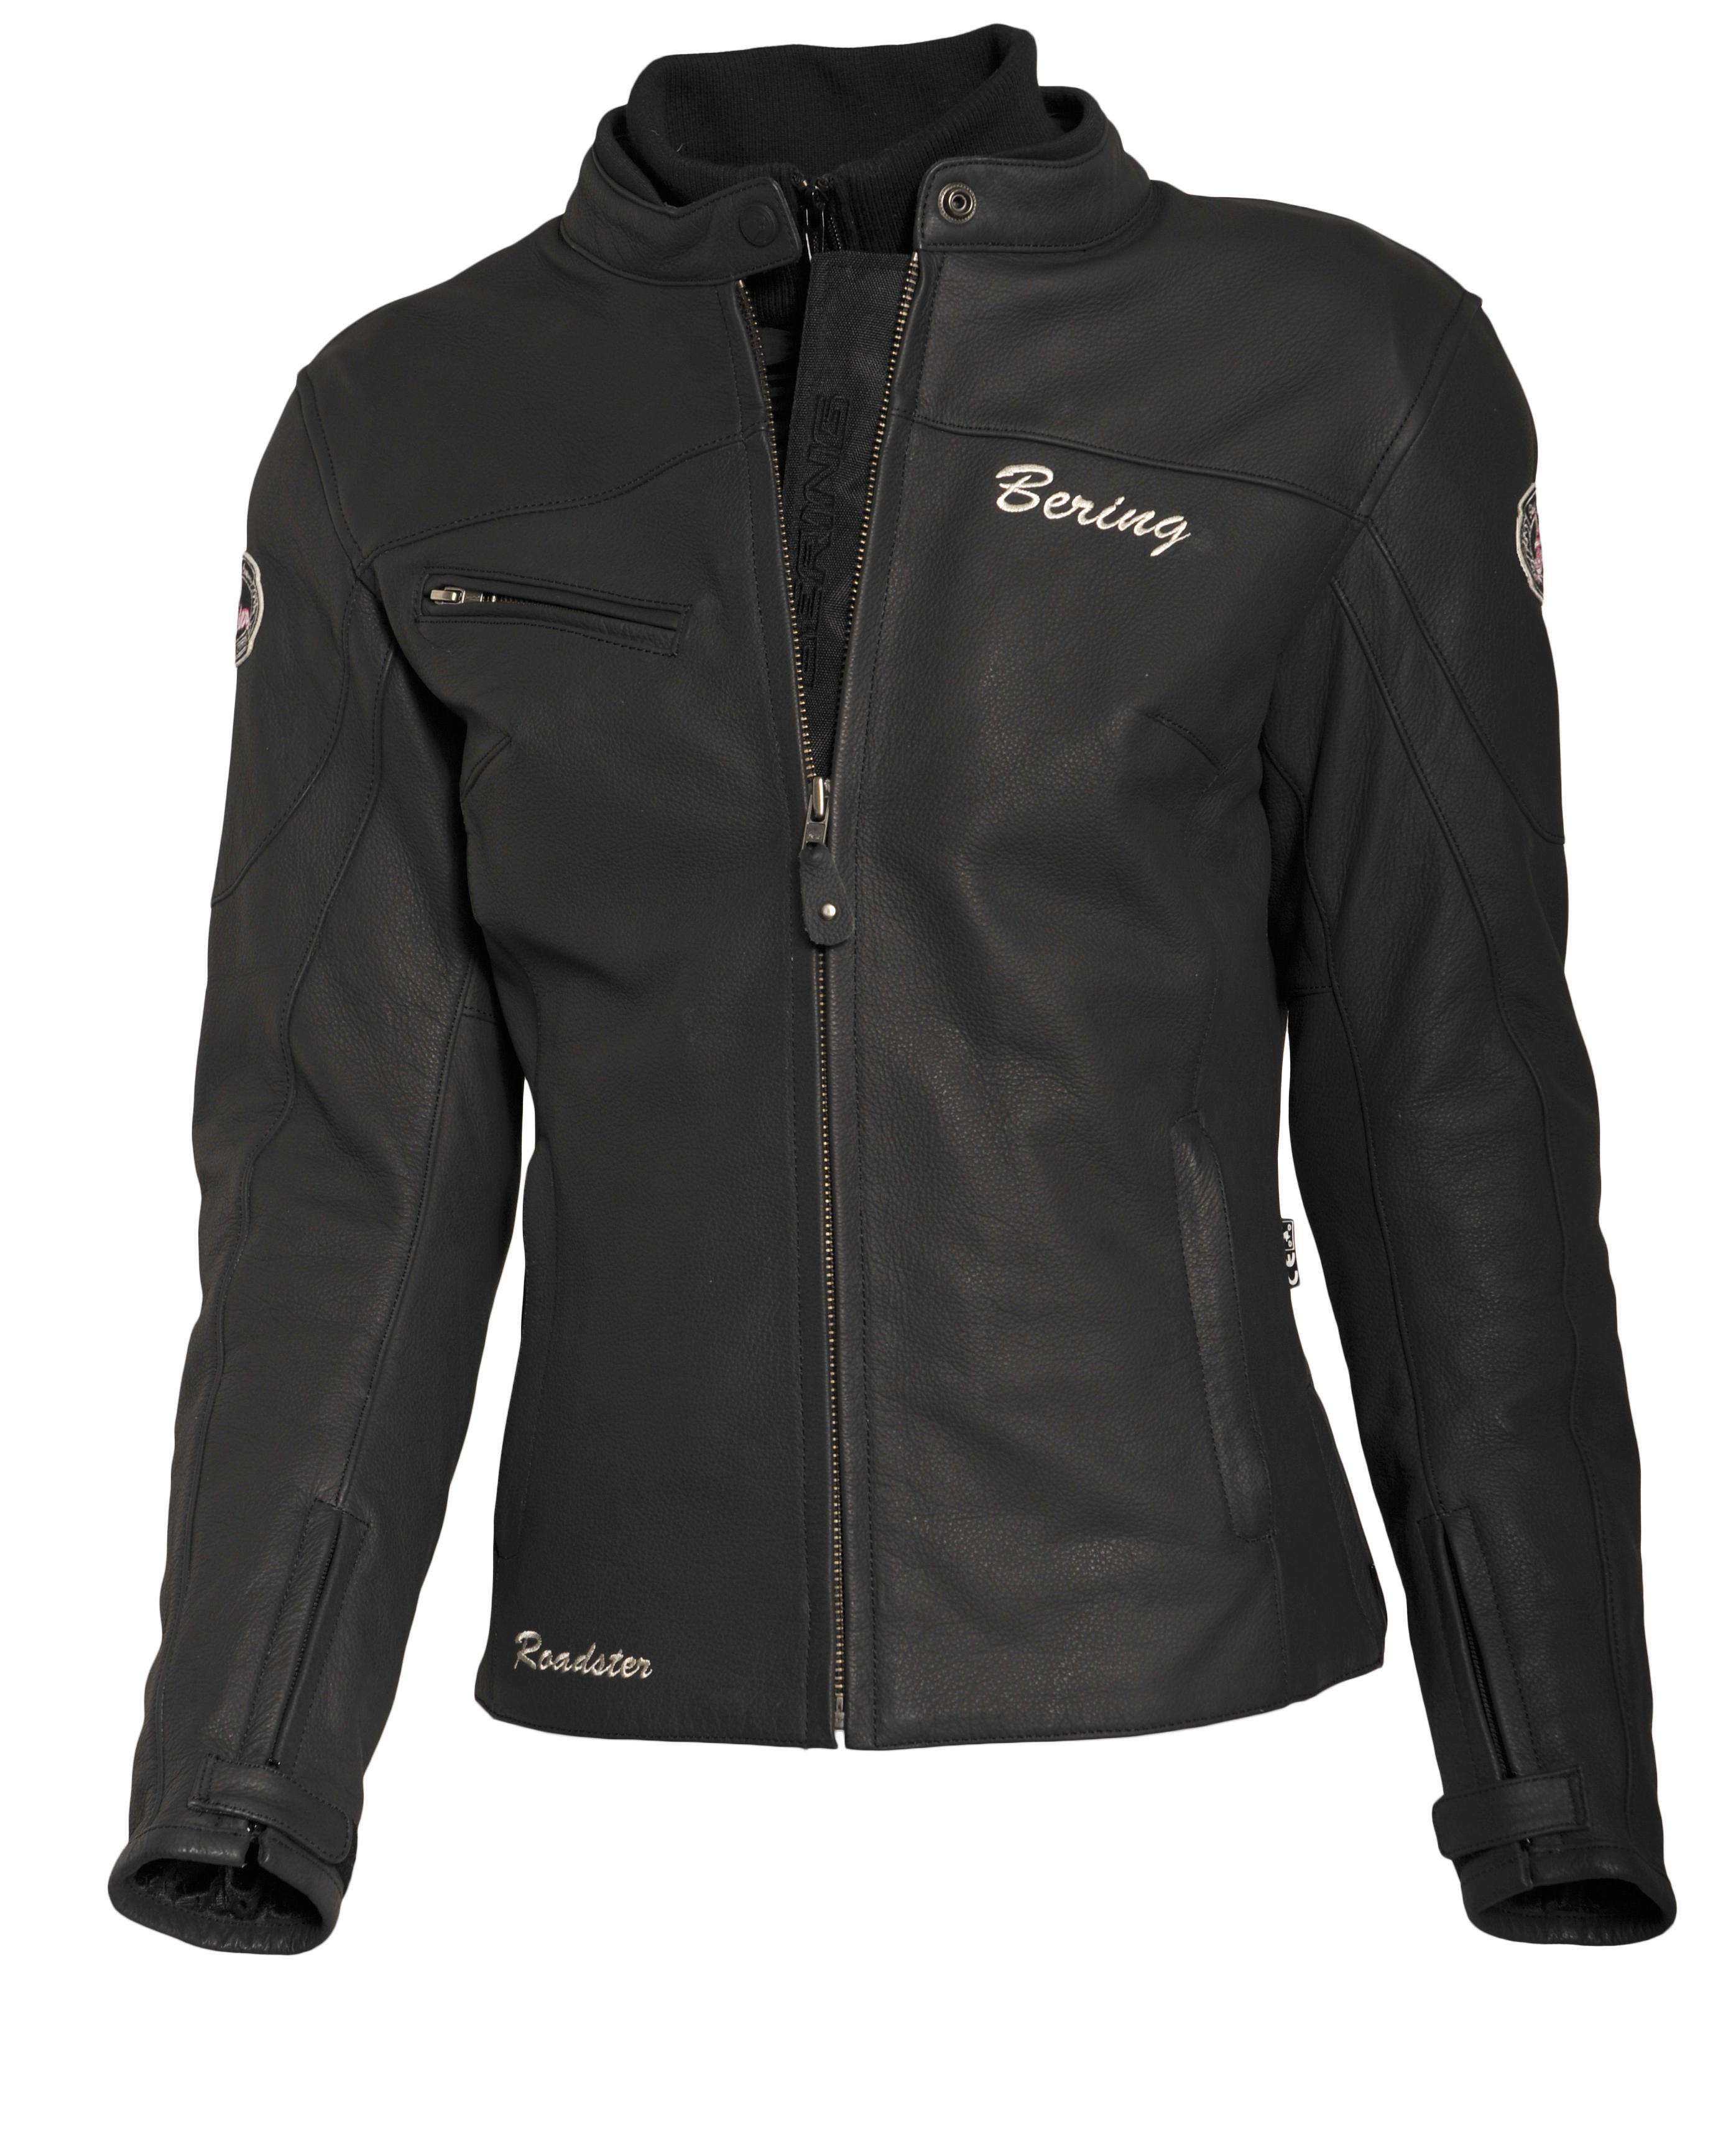 Kezdőoldal Termékek Bering motoros ruházat Női bőrdzseki Lady Nessy · Lady  Nessy CUB750 Akciós! 8d25a3ec47